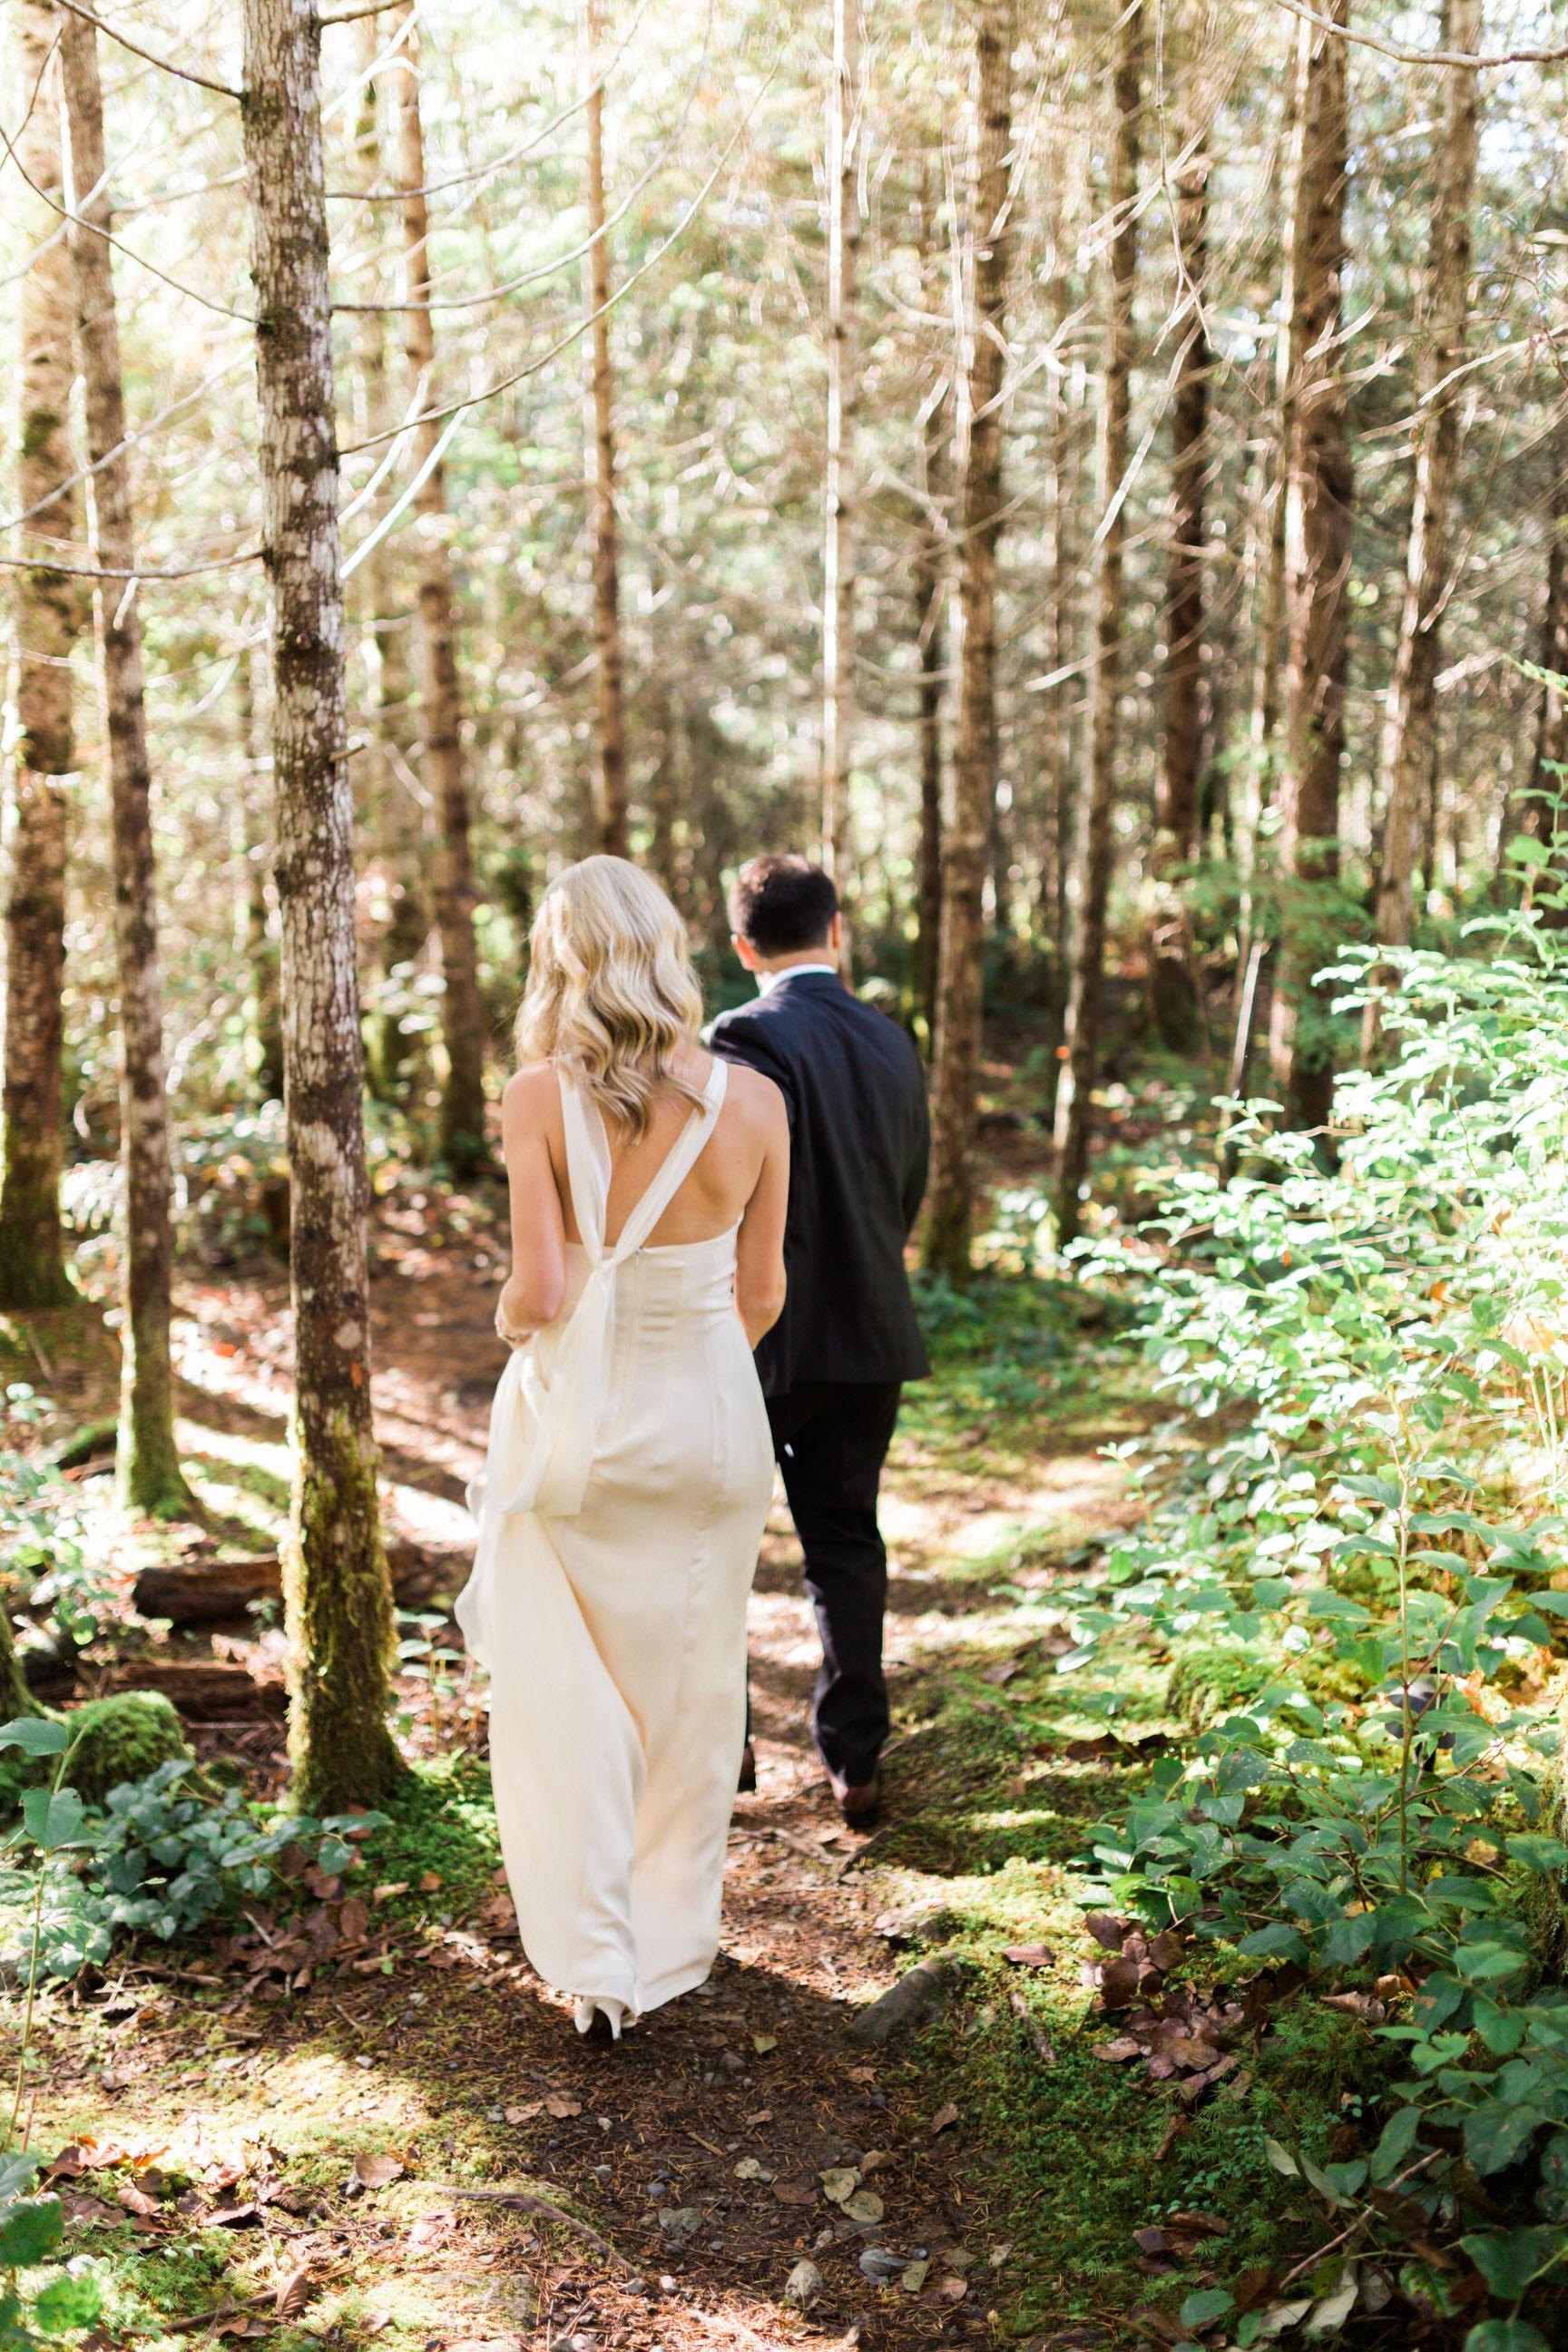 Sunshine Coast Wedding Photographer - Vancouver Wedding Photographer - West Coast Wilderness Lodge Wedding - Jennifer Picard Photography - IMG_7436.jpg